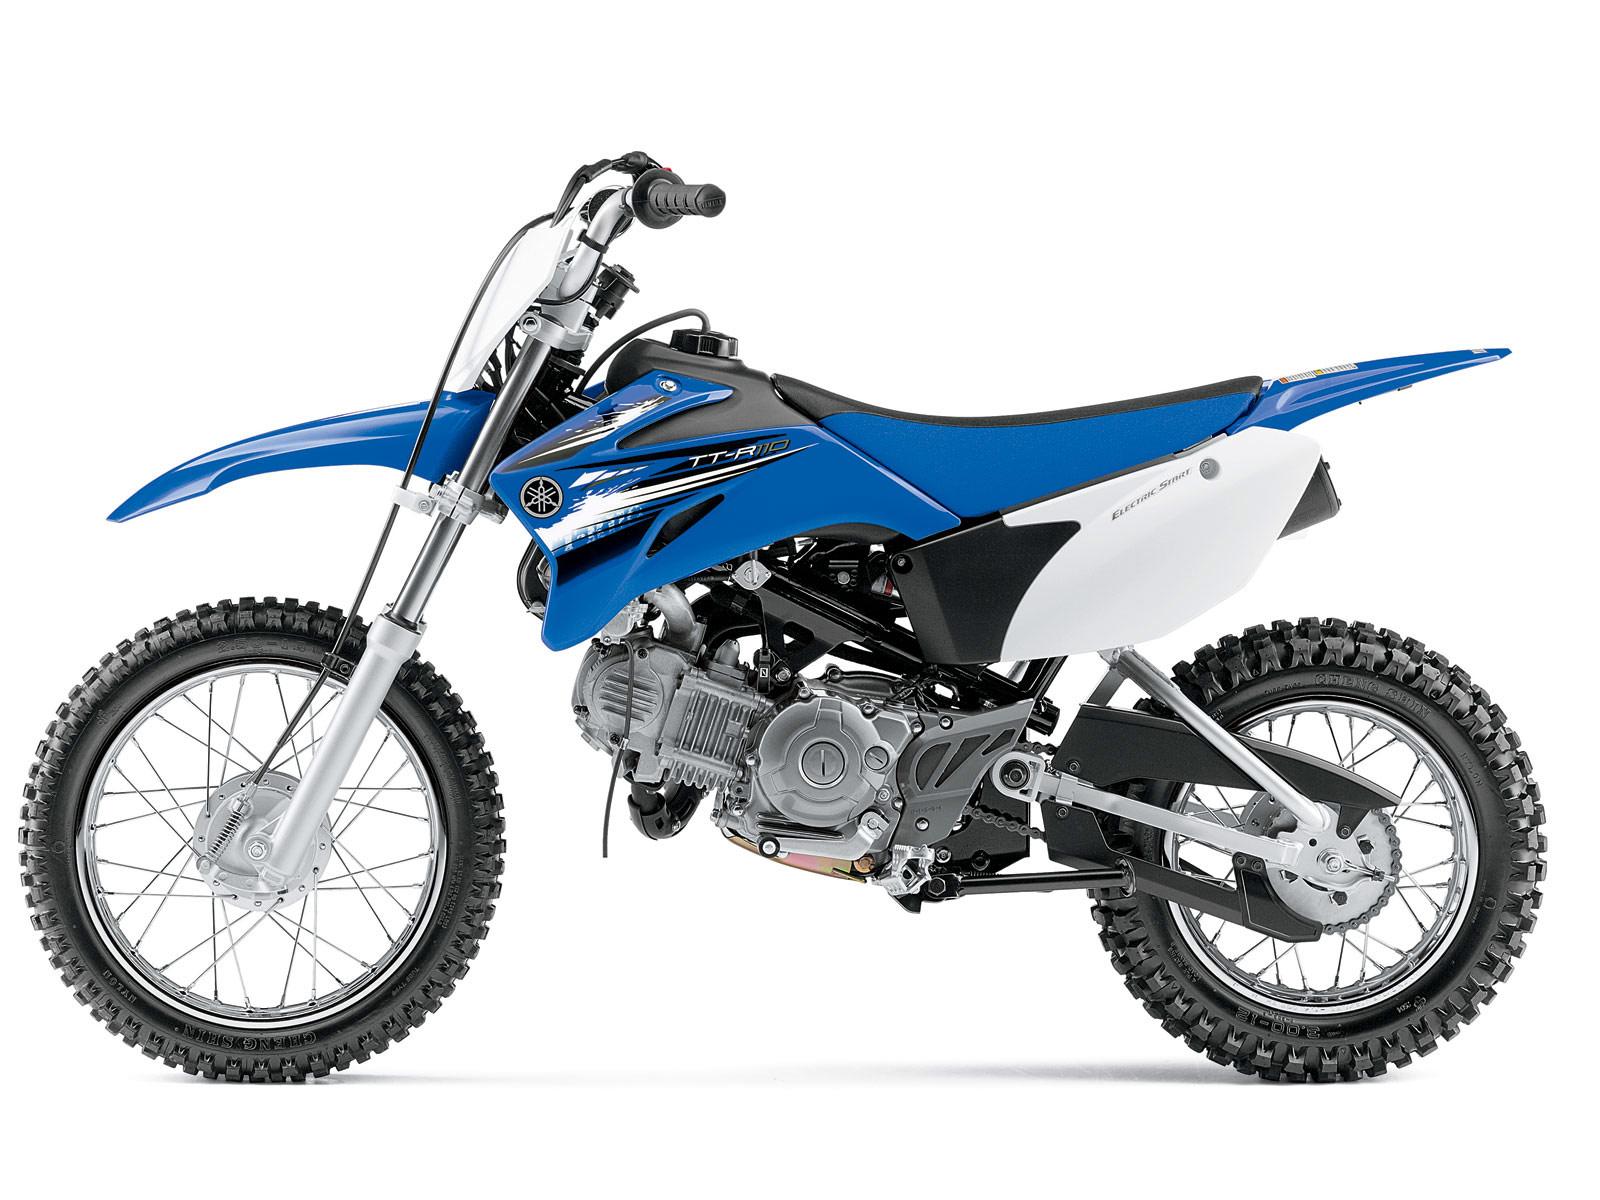 http://3.bp.blogspot.com/-izg-LbLLVvQ/Tpbj7GHphfI/AAAAAAAACBU/hqqsGLwo3PY/s1600/2012-Yamaha-TT-R110E_motorcycle-desktop-wallpaper_1.jpg